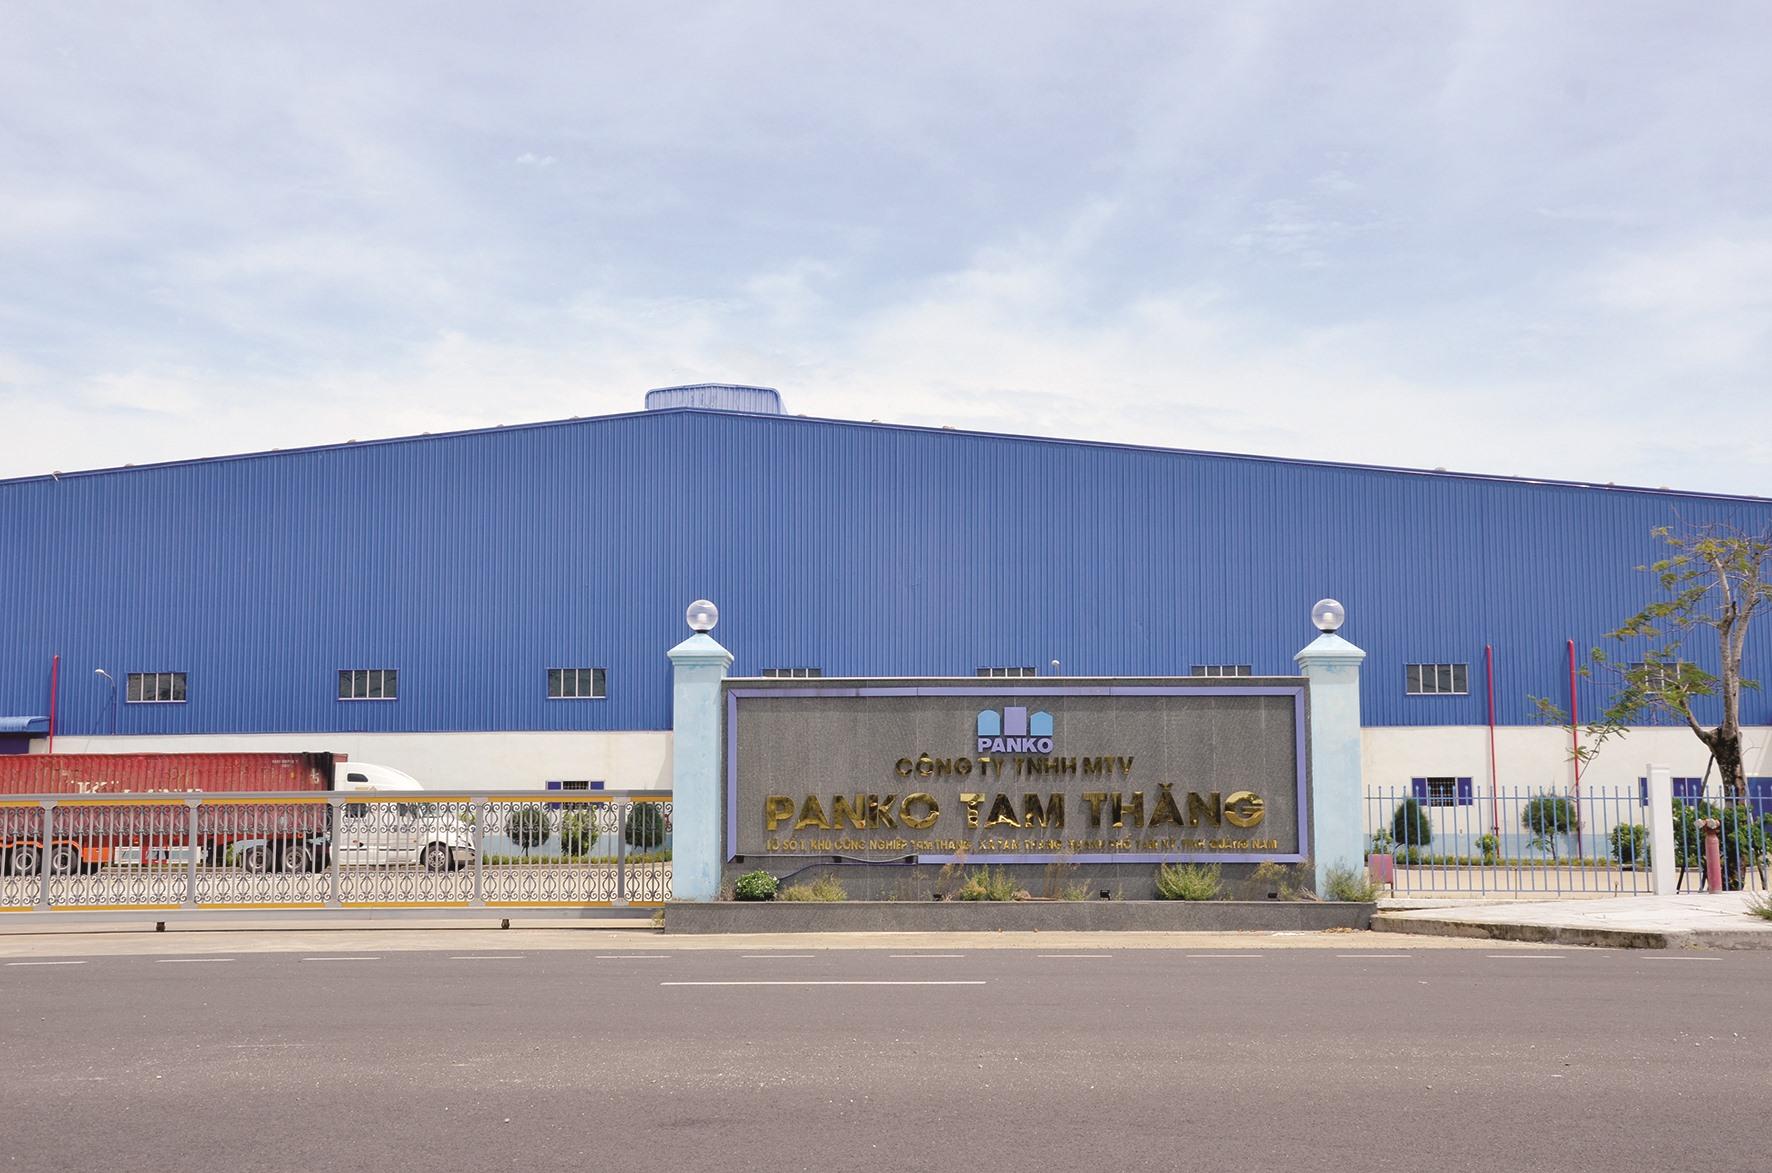 Cảnh im ắng trong mùa dịch tại Khu công nghiệp Tam Thăng. Ảnh: H.P